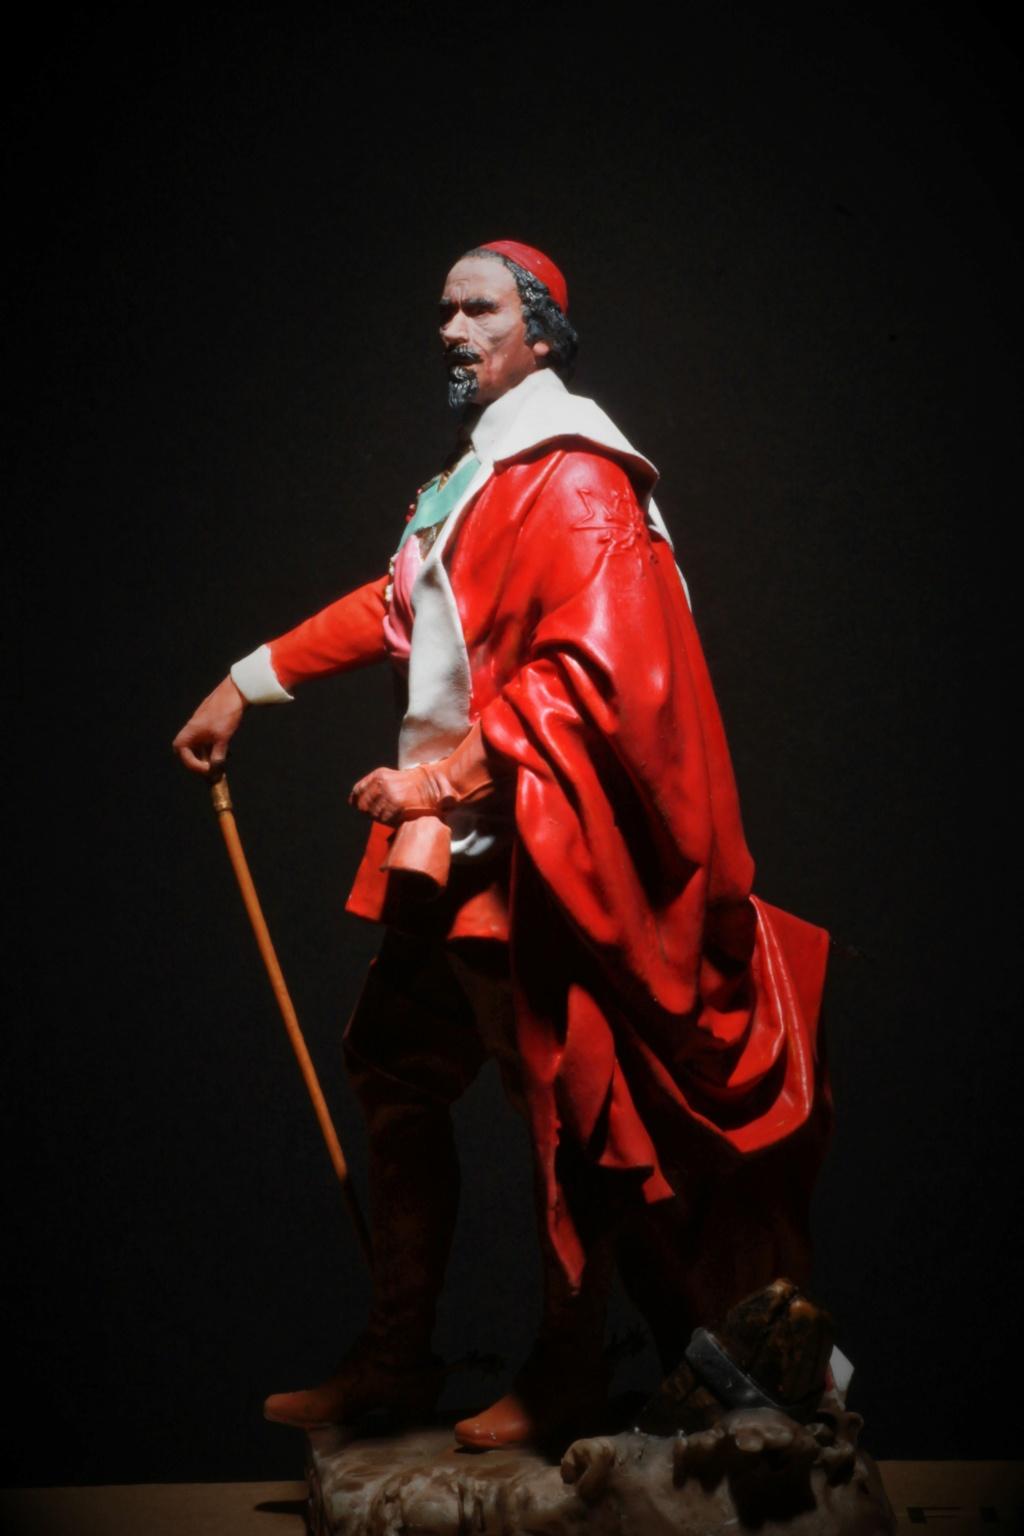 Armand Jean du Plessis Duc de Richelieu échelle libre Résine 3D ( 12cm ) Terminé - Page 2 Img_9211